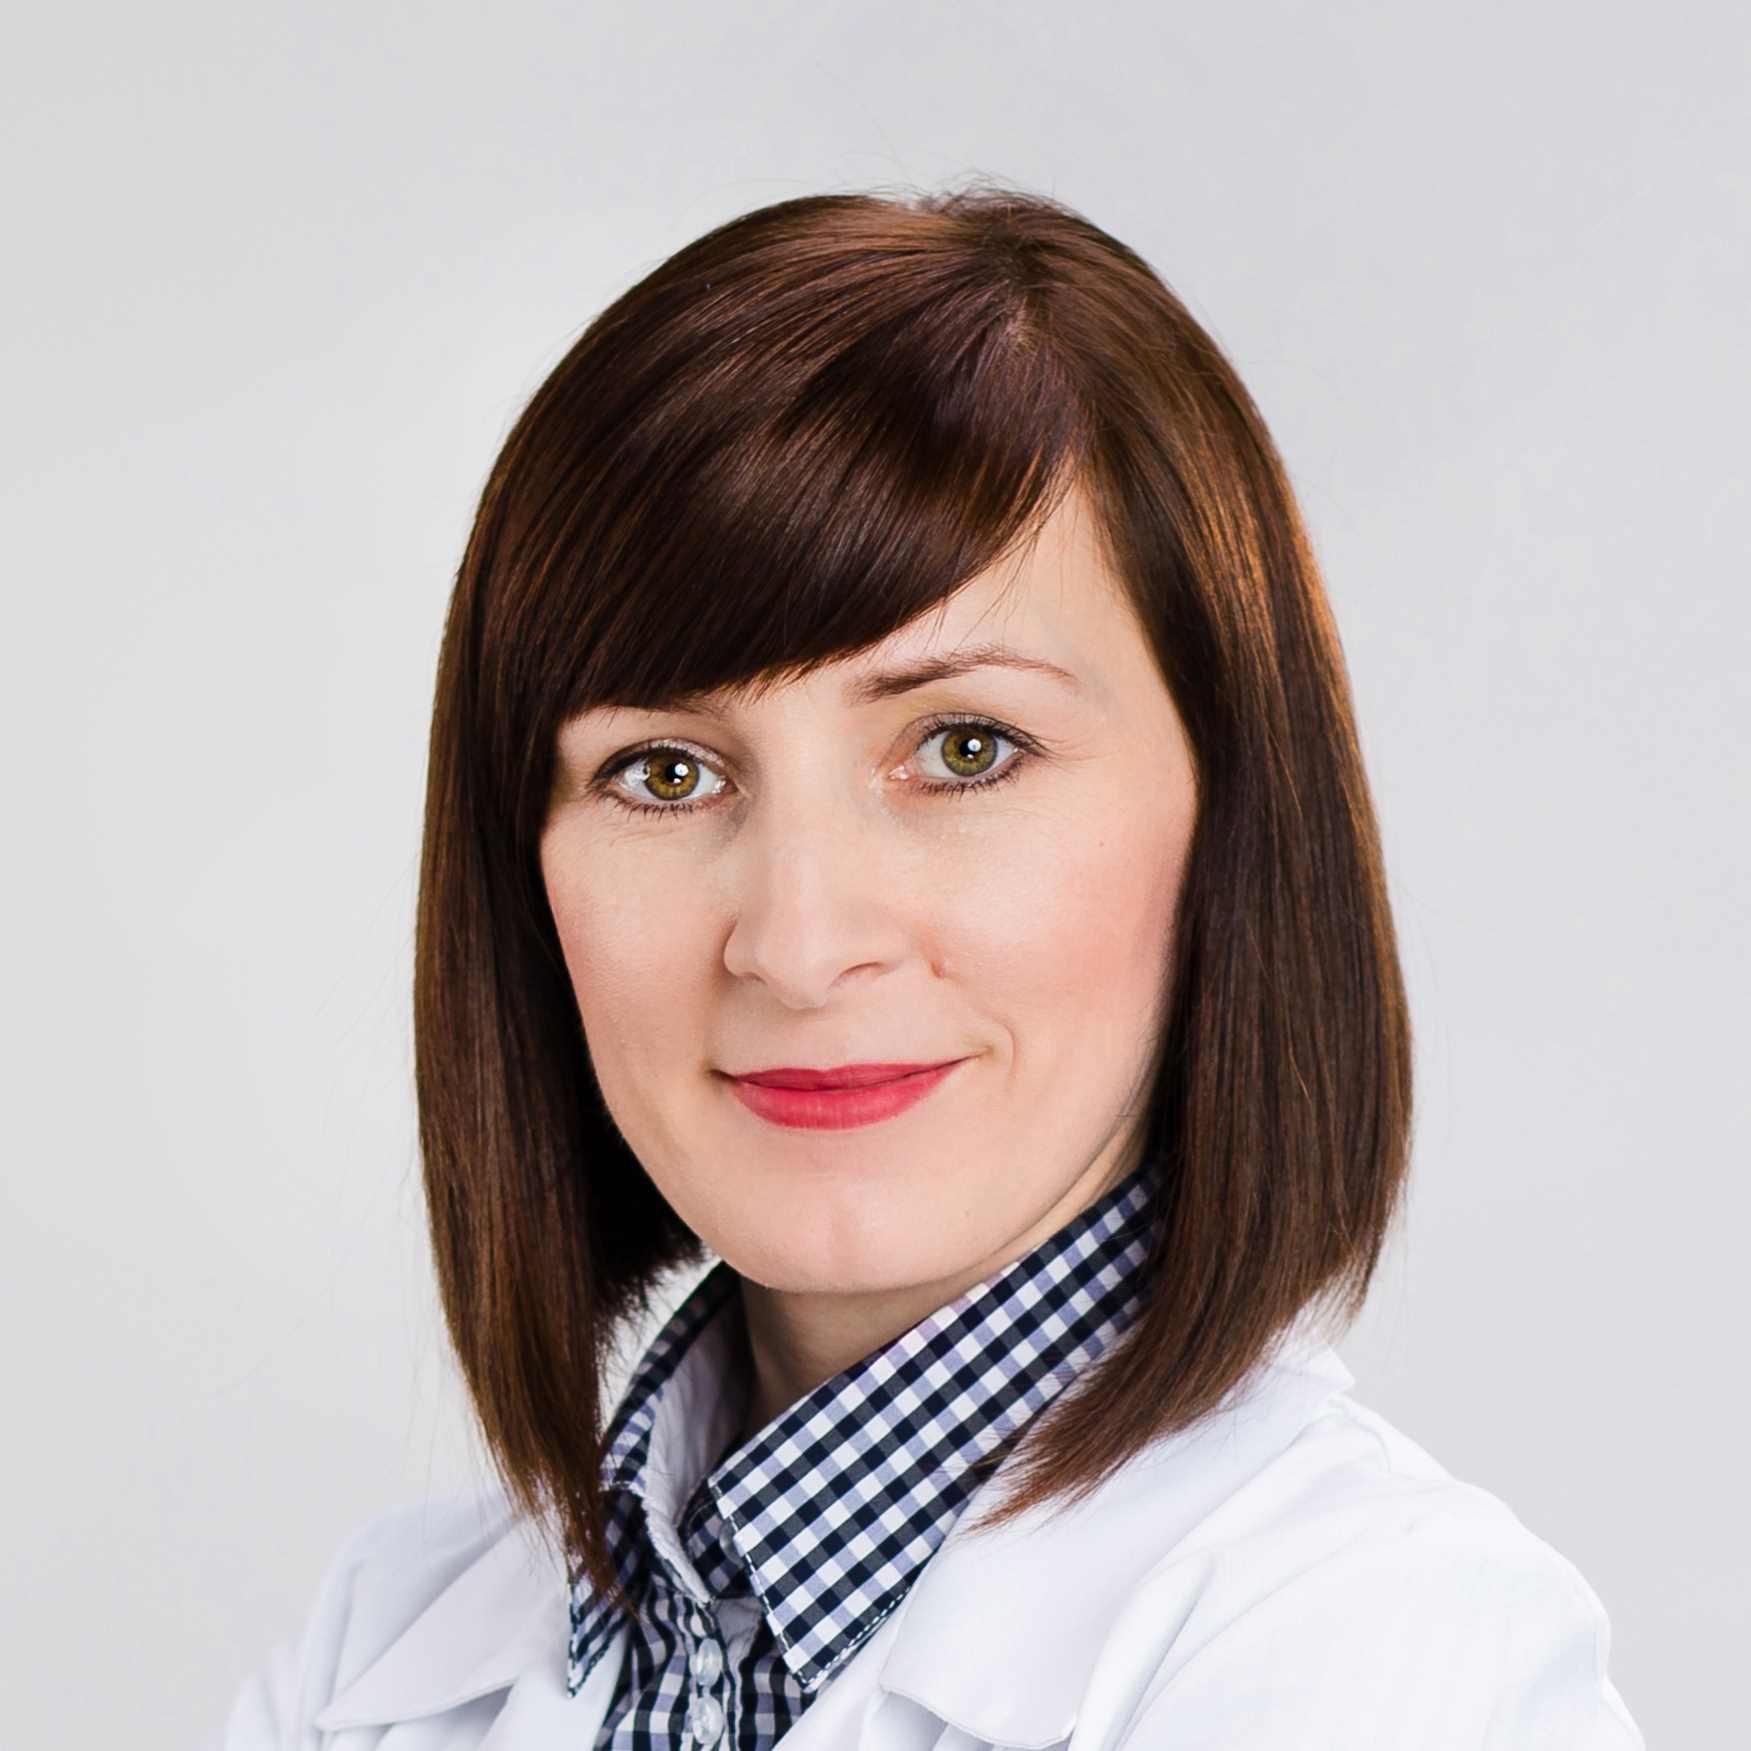 Oculomedica - Dr Katarzyna Skoczylas-Piechowiak